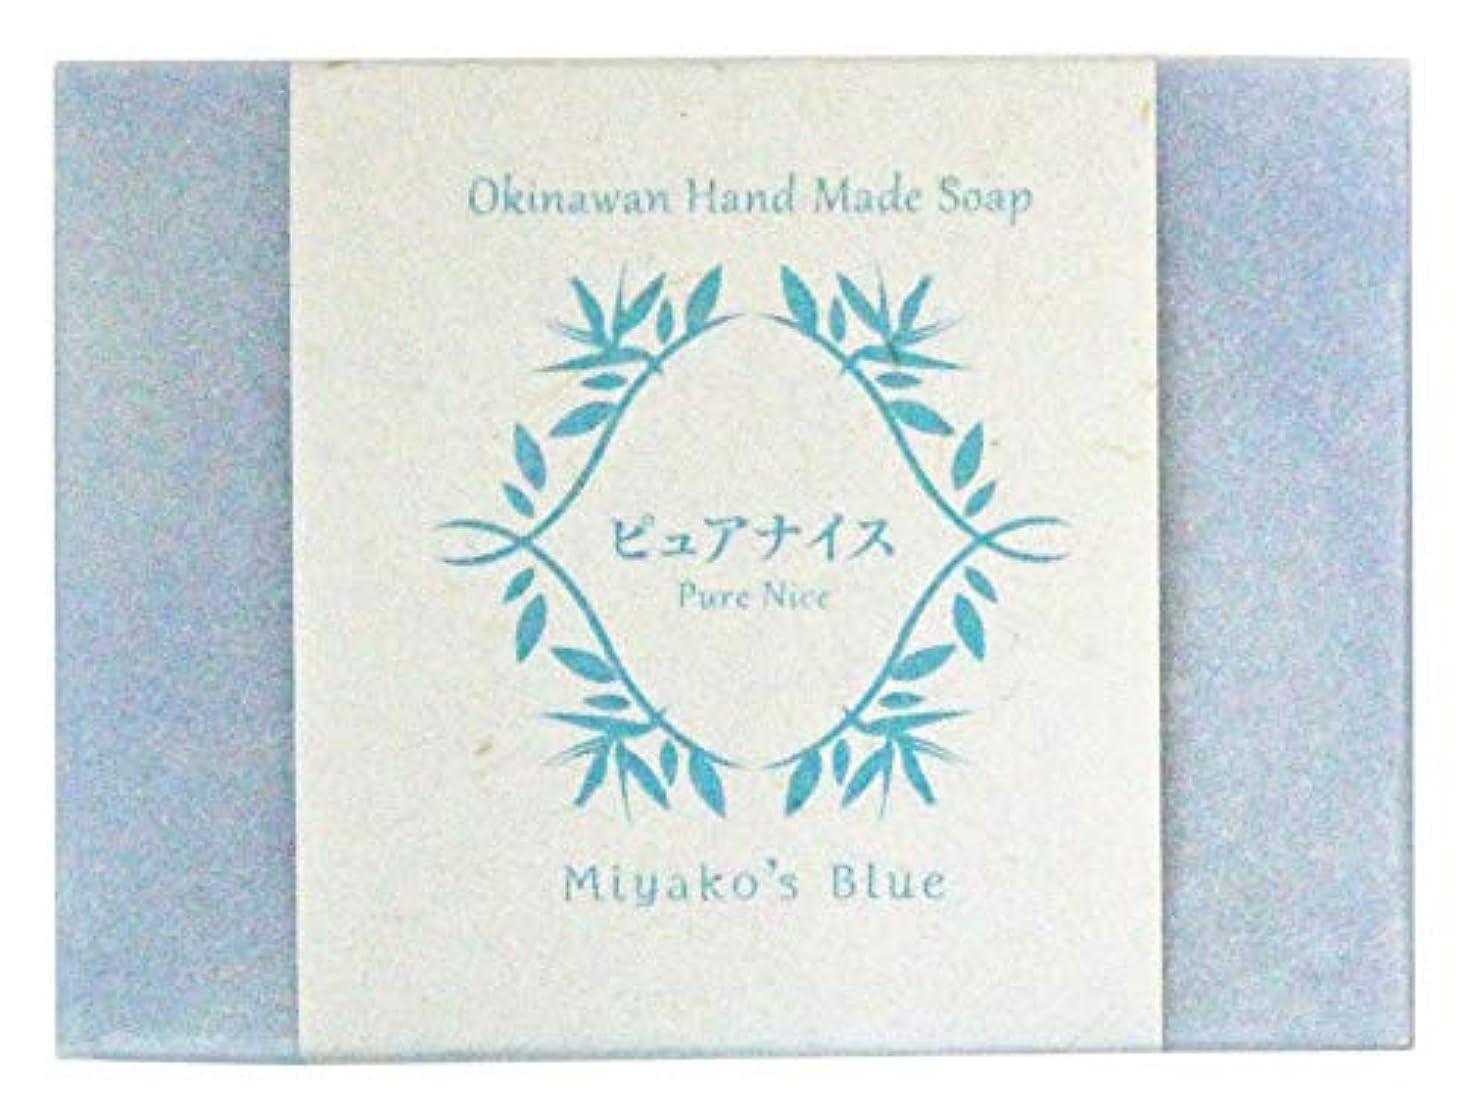 支払う認知聞きますピュアナイス おきなわ素材石けん Mikako's Blue 100g